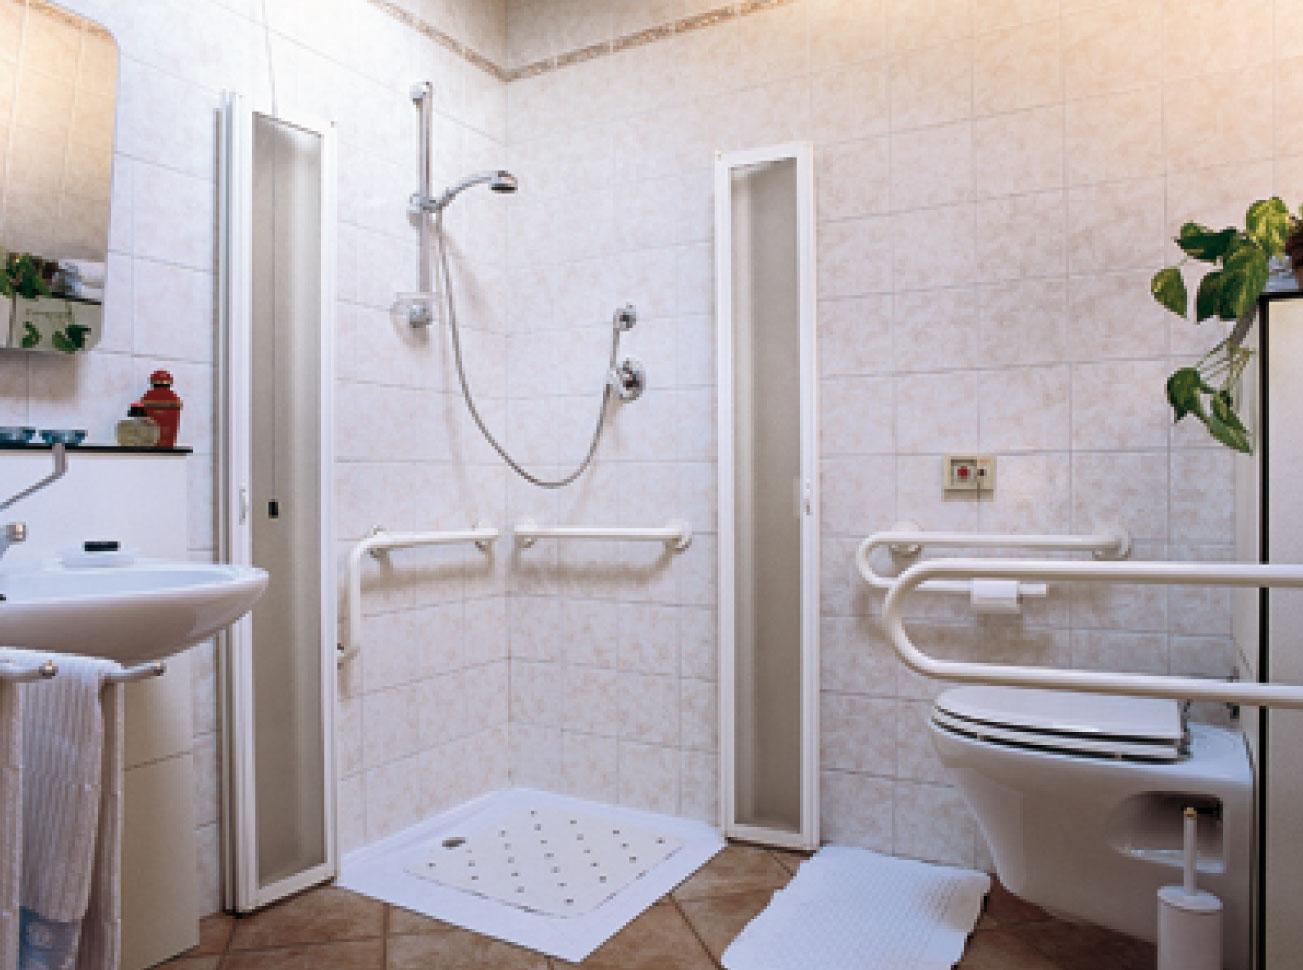 Bagno per disabili dwg design casa creativa e mobili u design per